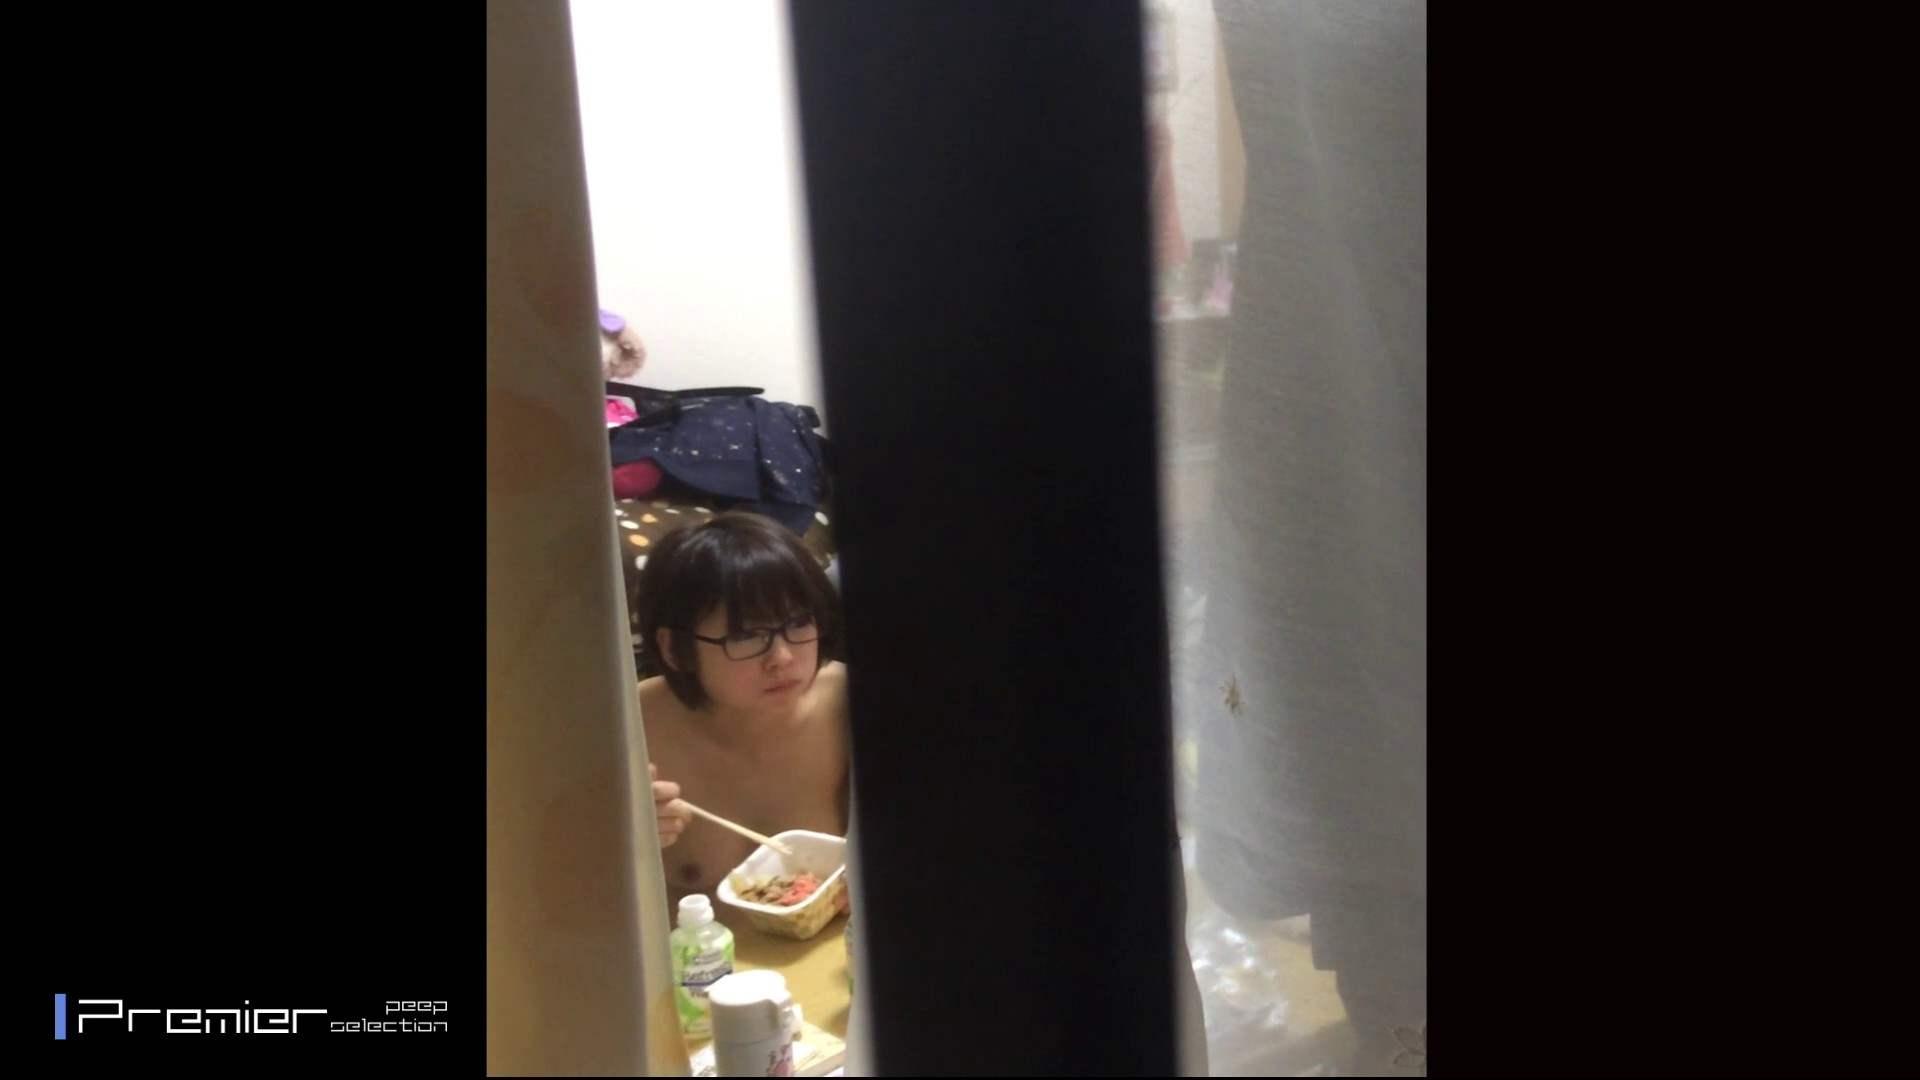 眼鏡美女の食事を隠し撮り 乙女の風呂場 Vol.05 美女達のヌード | 入浴シーン  95連発 95